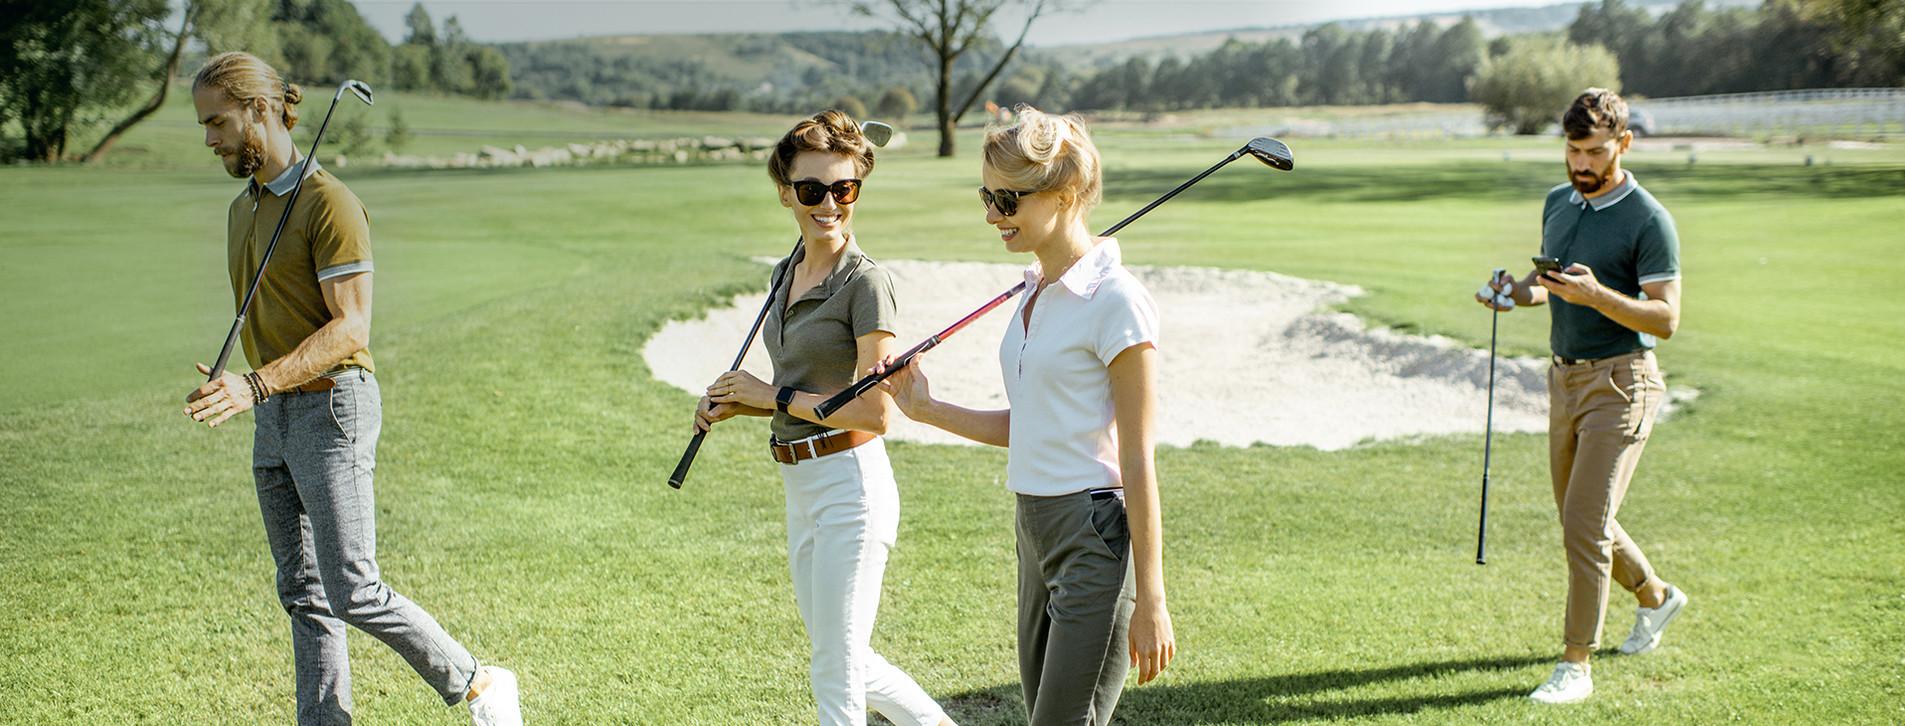 Фото - День в гольф-клубе для компании